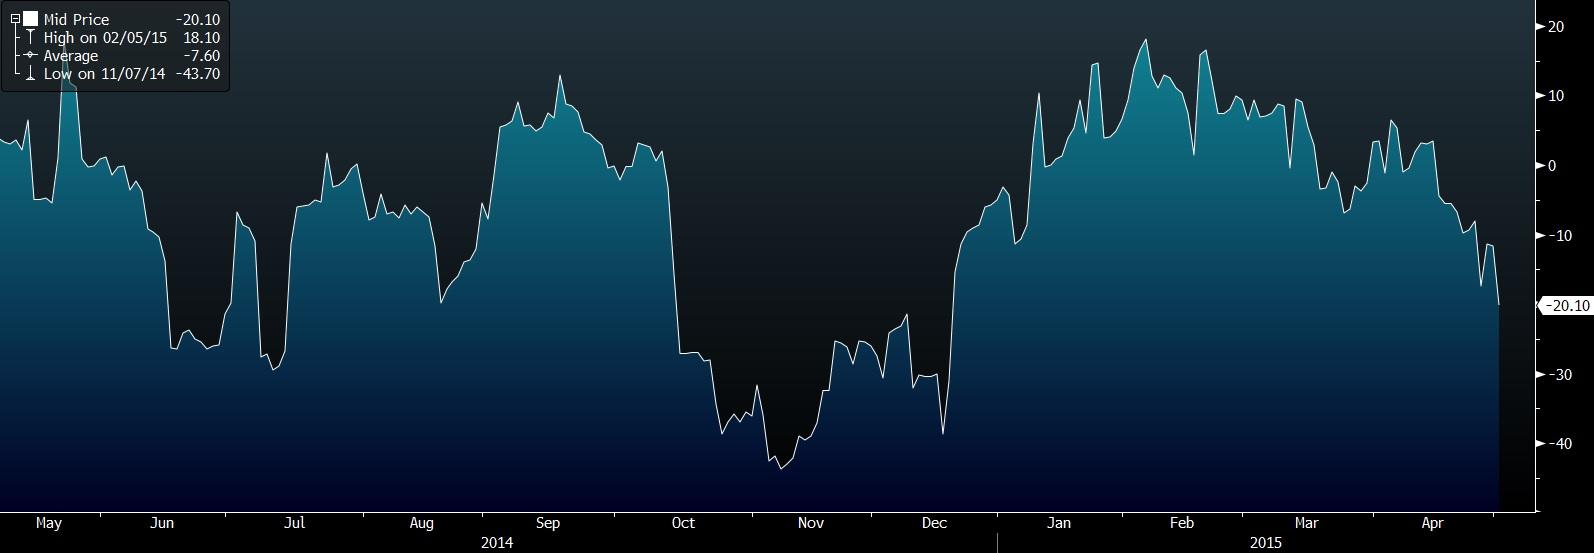 Citi Economic Surprise Index for UK (-100 - +100)